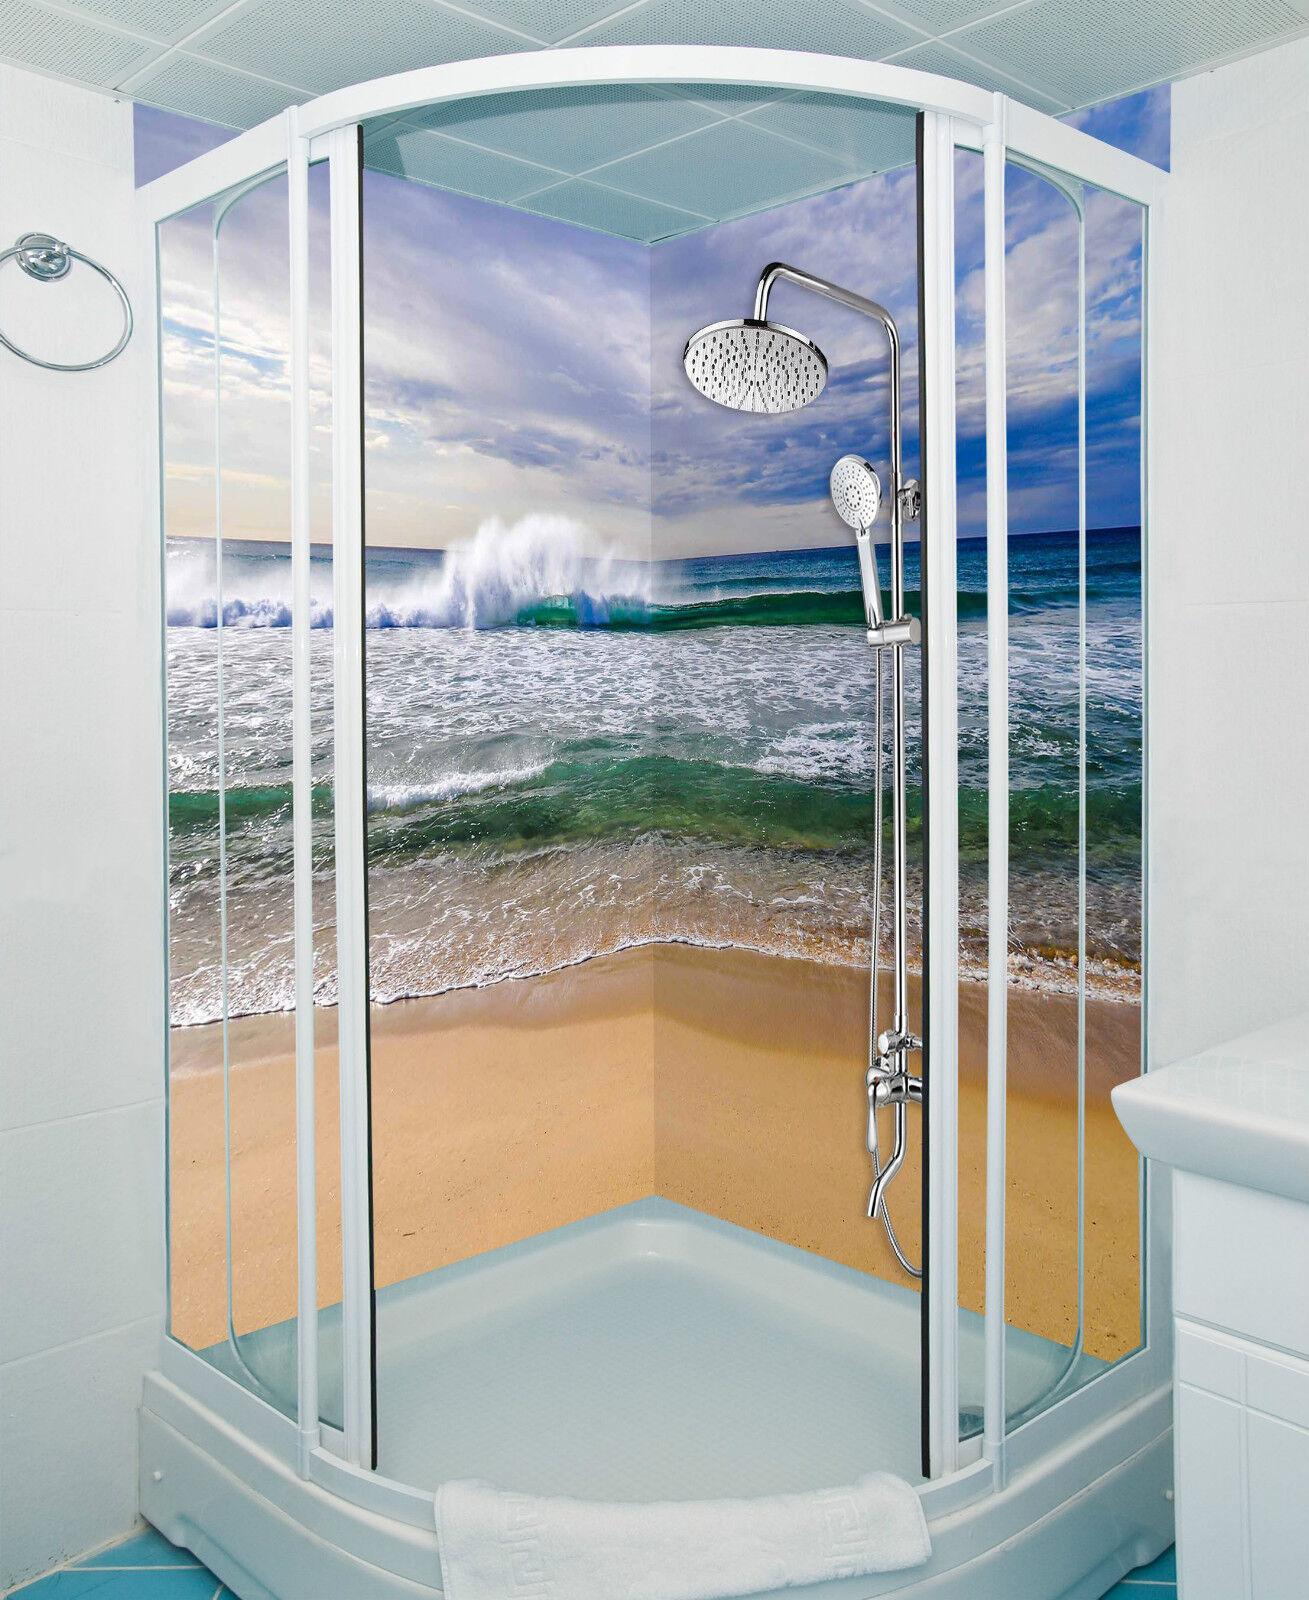 3D Exciting Sea 107 WallPaper Bathroom Print Decal Wall Deco AJ WALLPAPER CA